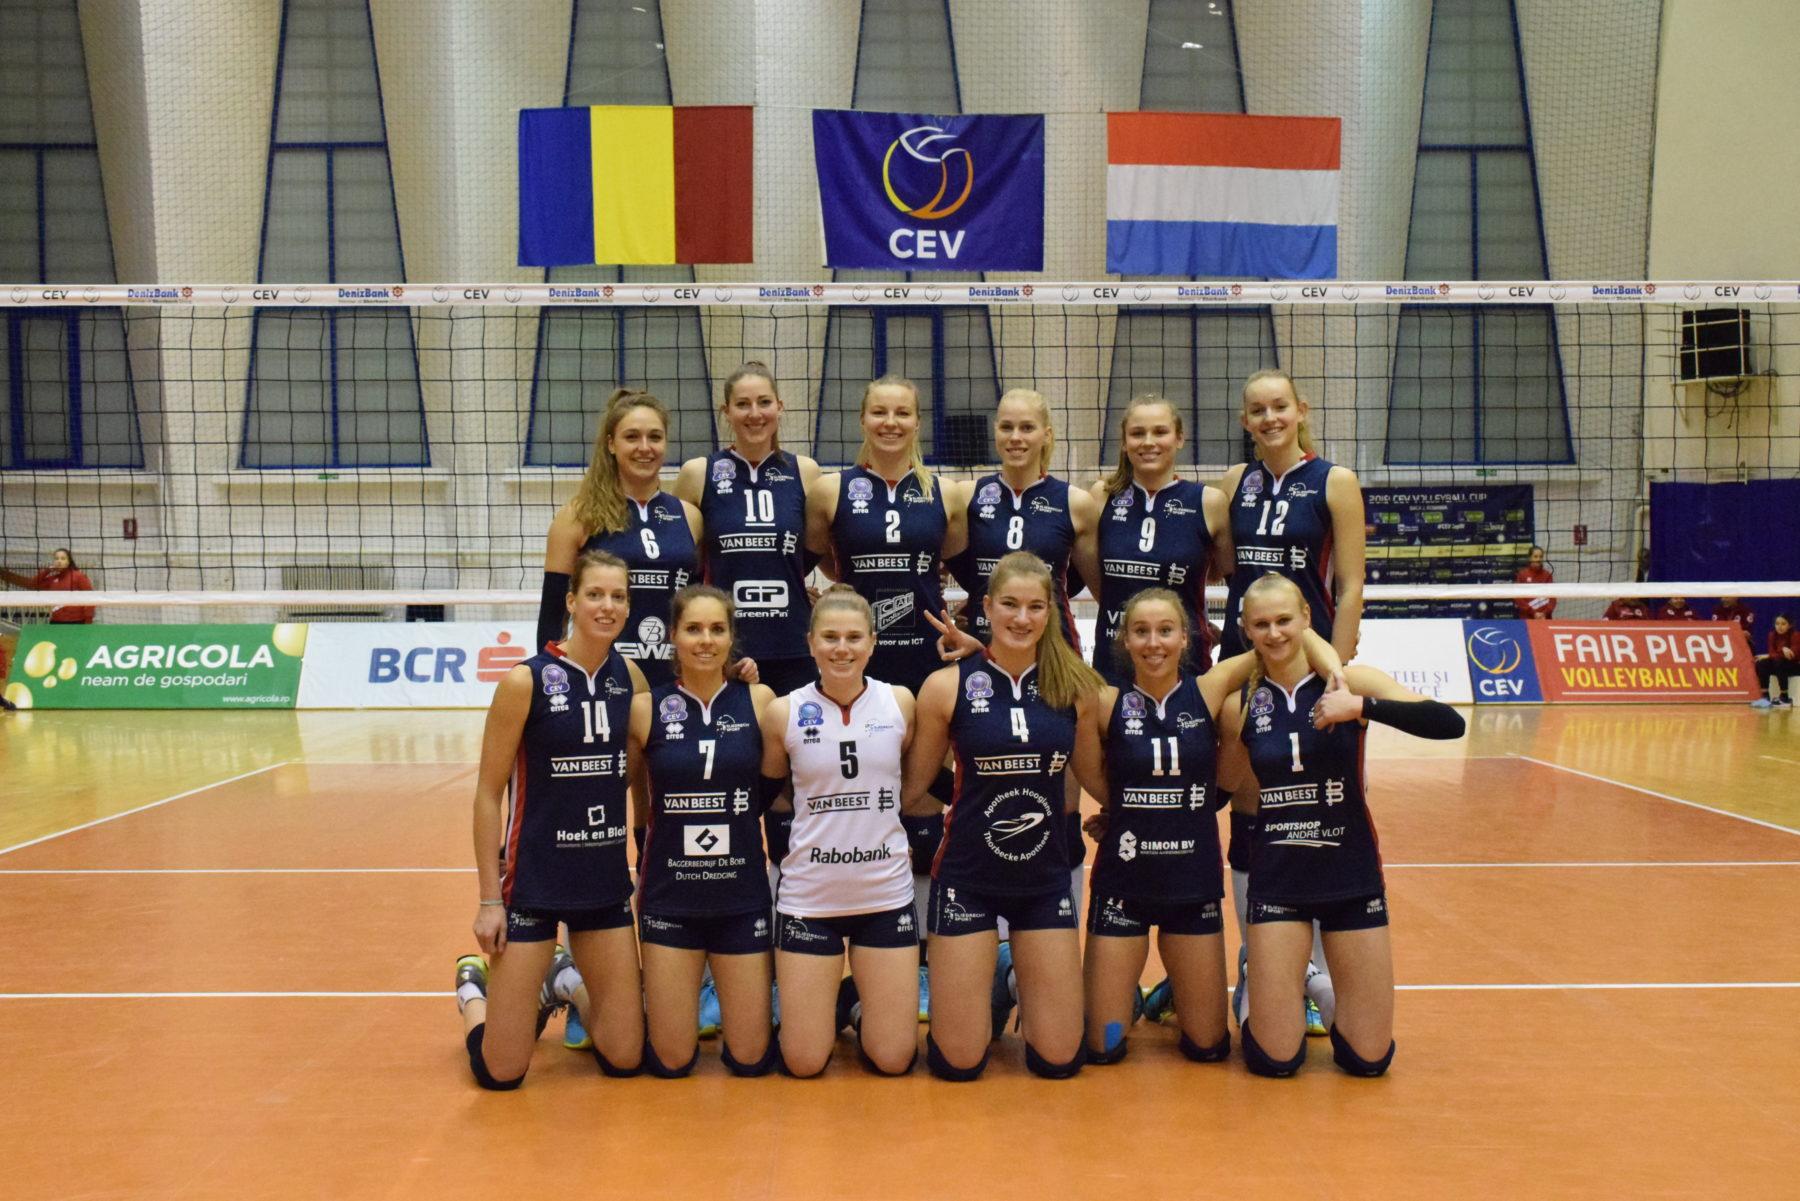 Dames 1 verliest nipt uitwedstrijd Europacup: 3-2